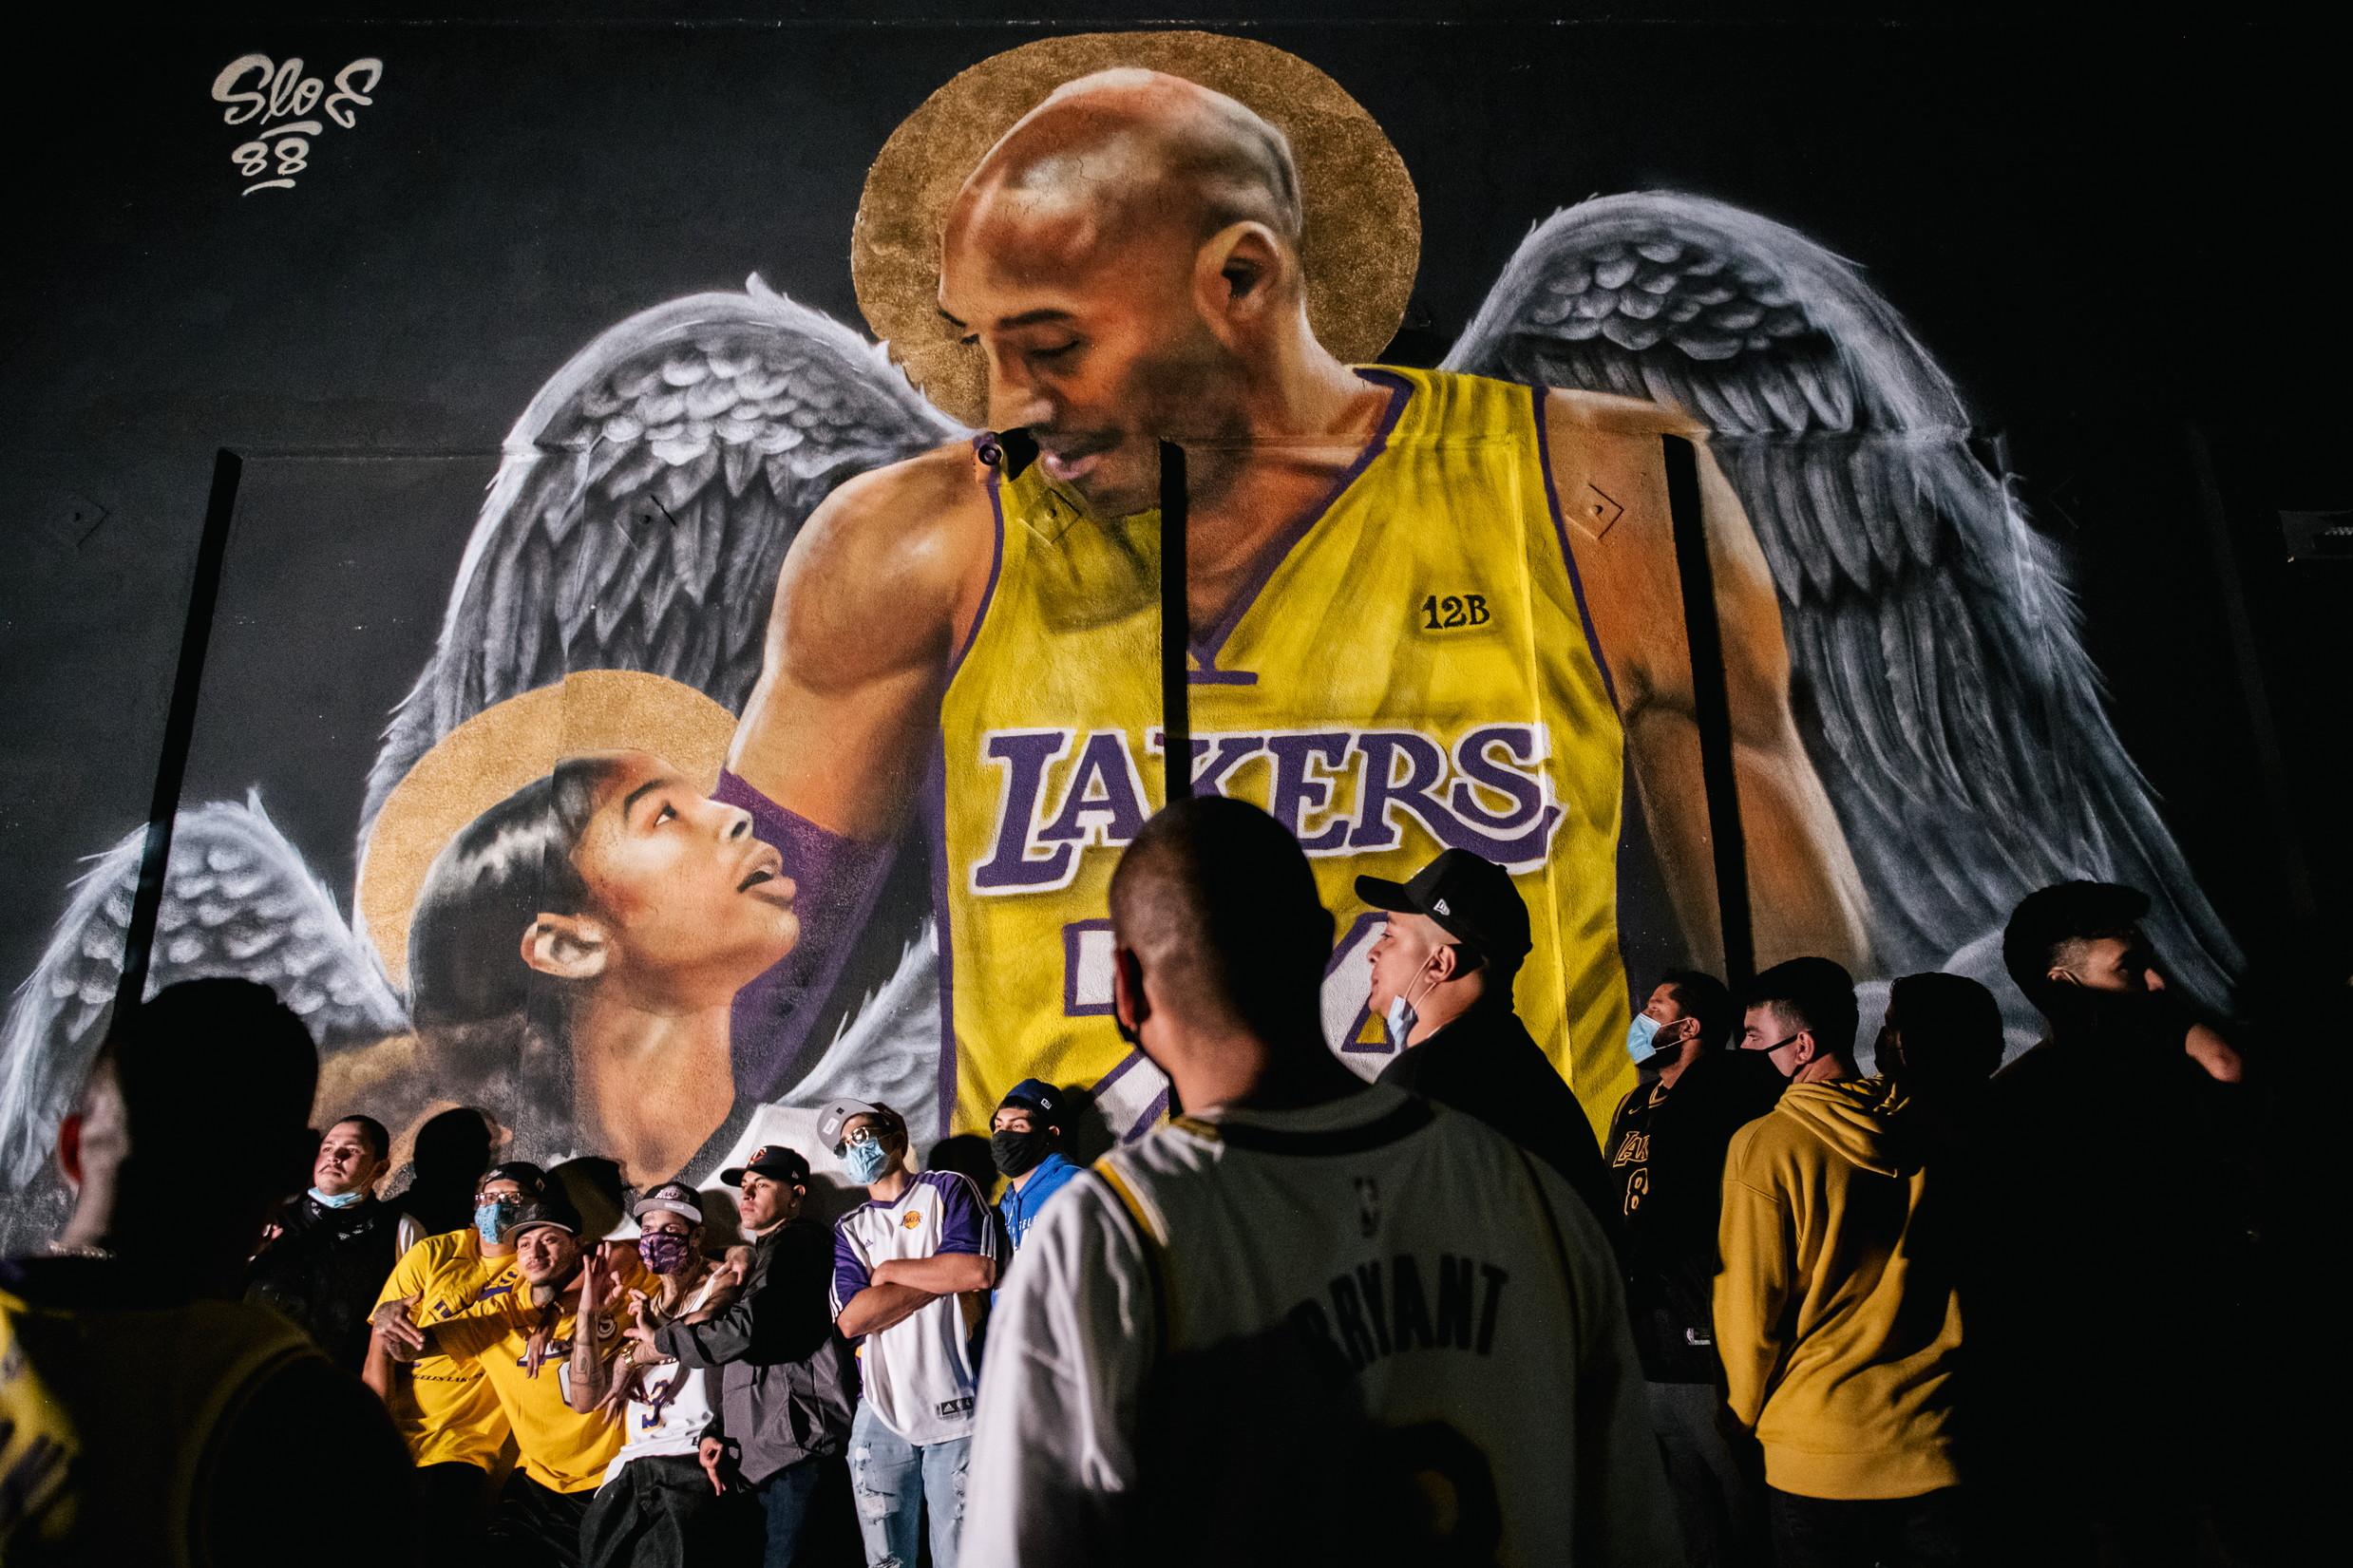 I Los Angeles Lakers battono i Miami Heat e si aggiudicano il loro 17.o titolo NBA, il primo dopo dieci anni. Per LeBron James, il campione del Los Angeles Lakers, si tratta del quarto titolo, ottenuto con squadre diverse. La vittoria dei Lakers arriva a quasi 9 mesi dalla morte di Kobe Bryant, che aveva regalato alla squadra californiana il suo penultimo titolo nel 2010, ed &egrave; stato protagonista del ricordo dei tifosi che hanno festeggiato per le strade di LA.<br /><br />